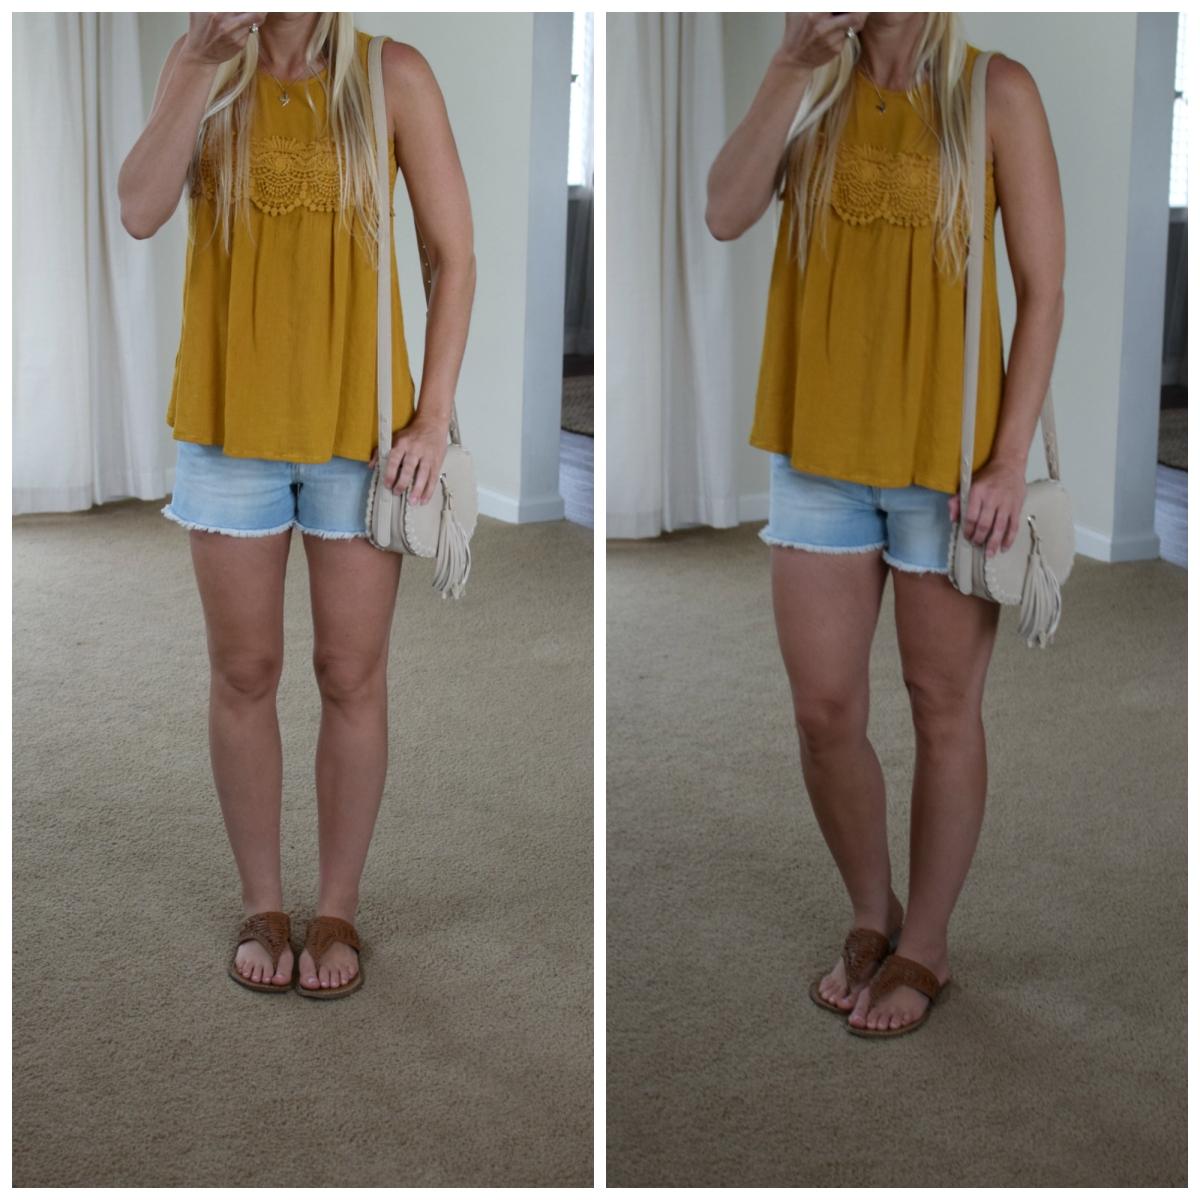 Nothing says summer like a flowy boho top and cutoff shorts  www.pearlsandsportsbras.com 